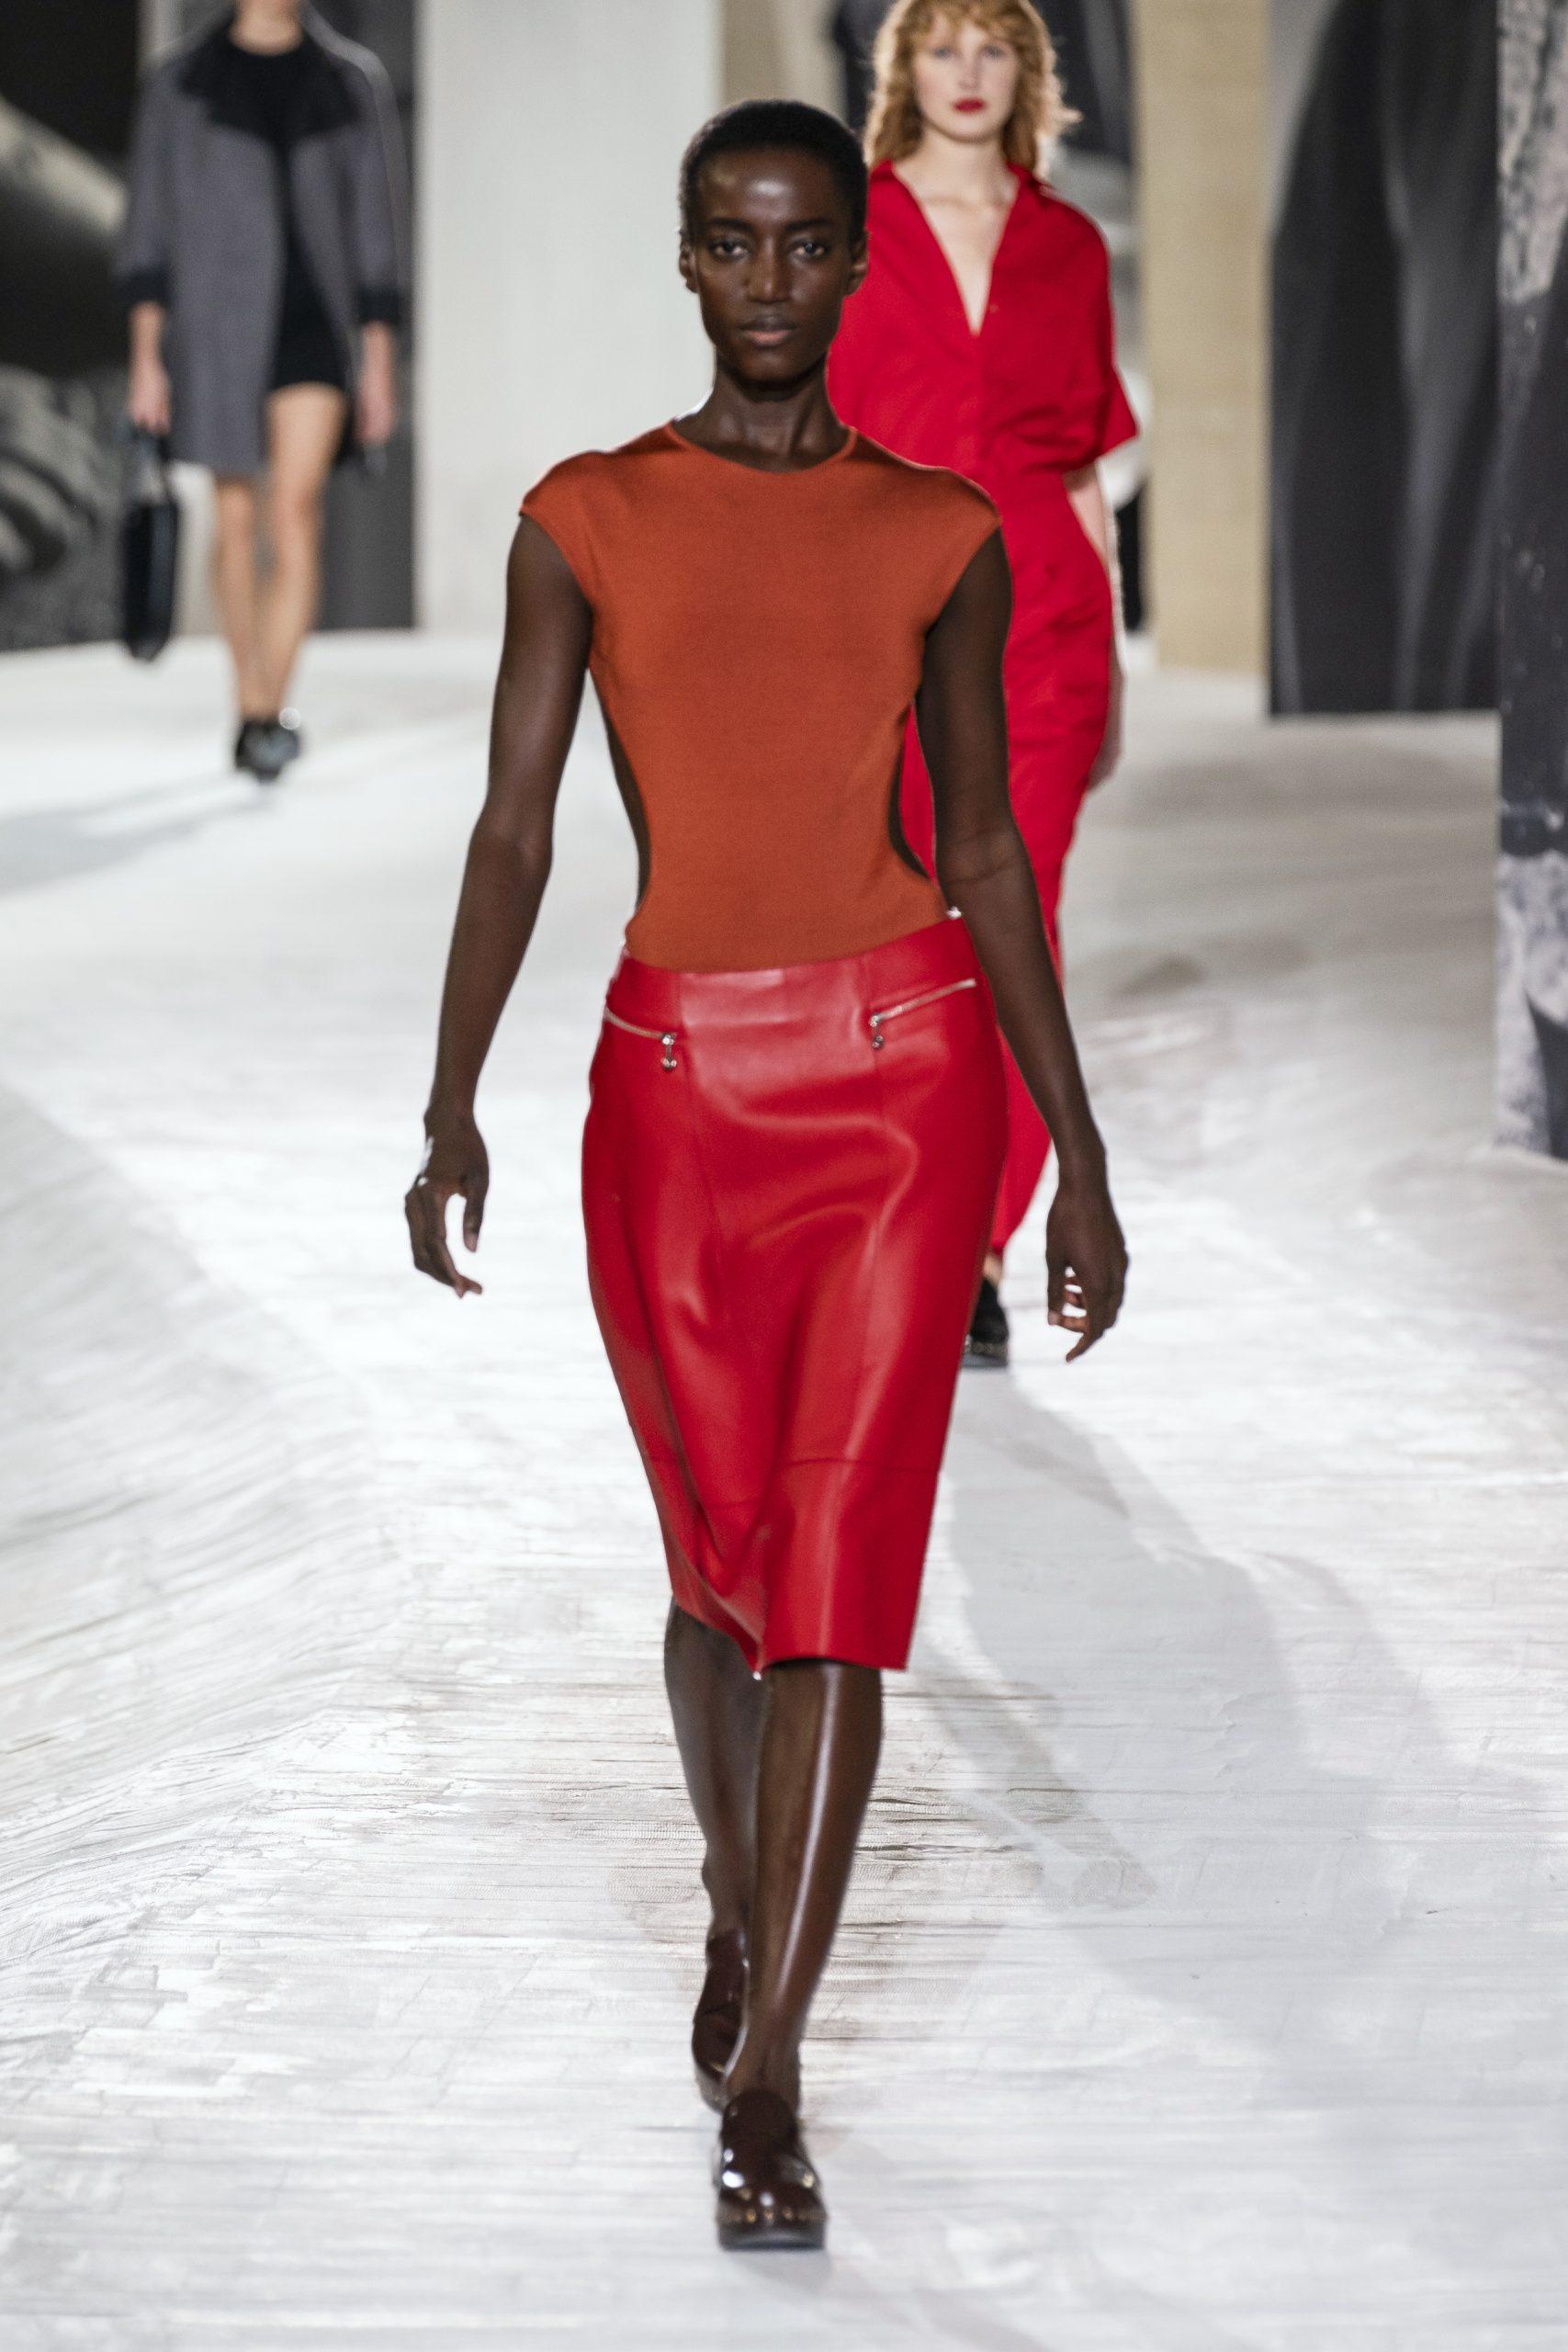 10. kép: Párizsi divathét - Hermès - 2021 tavasz-nyár - ready to wear